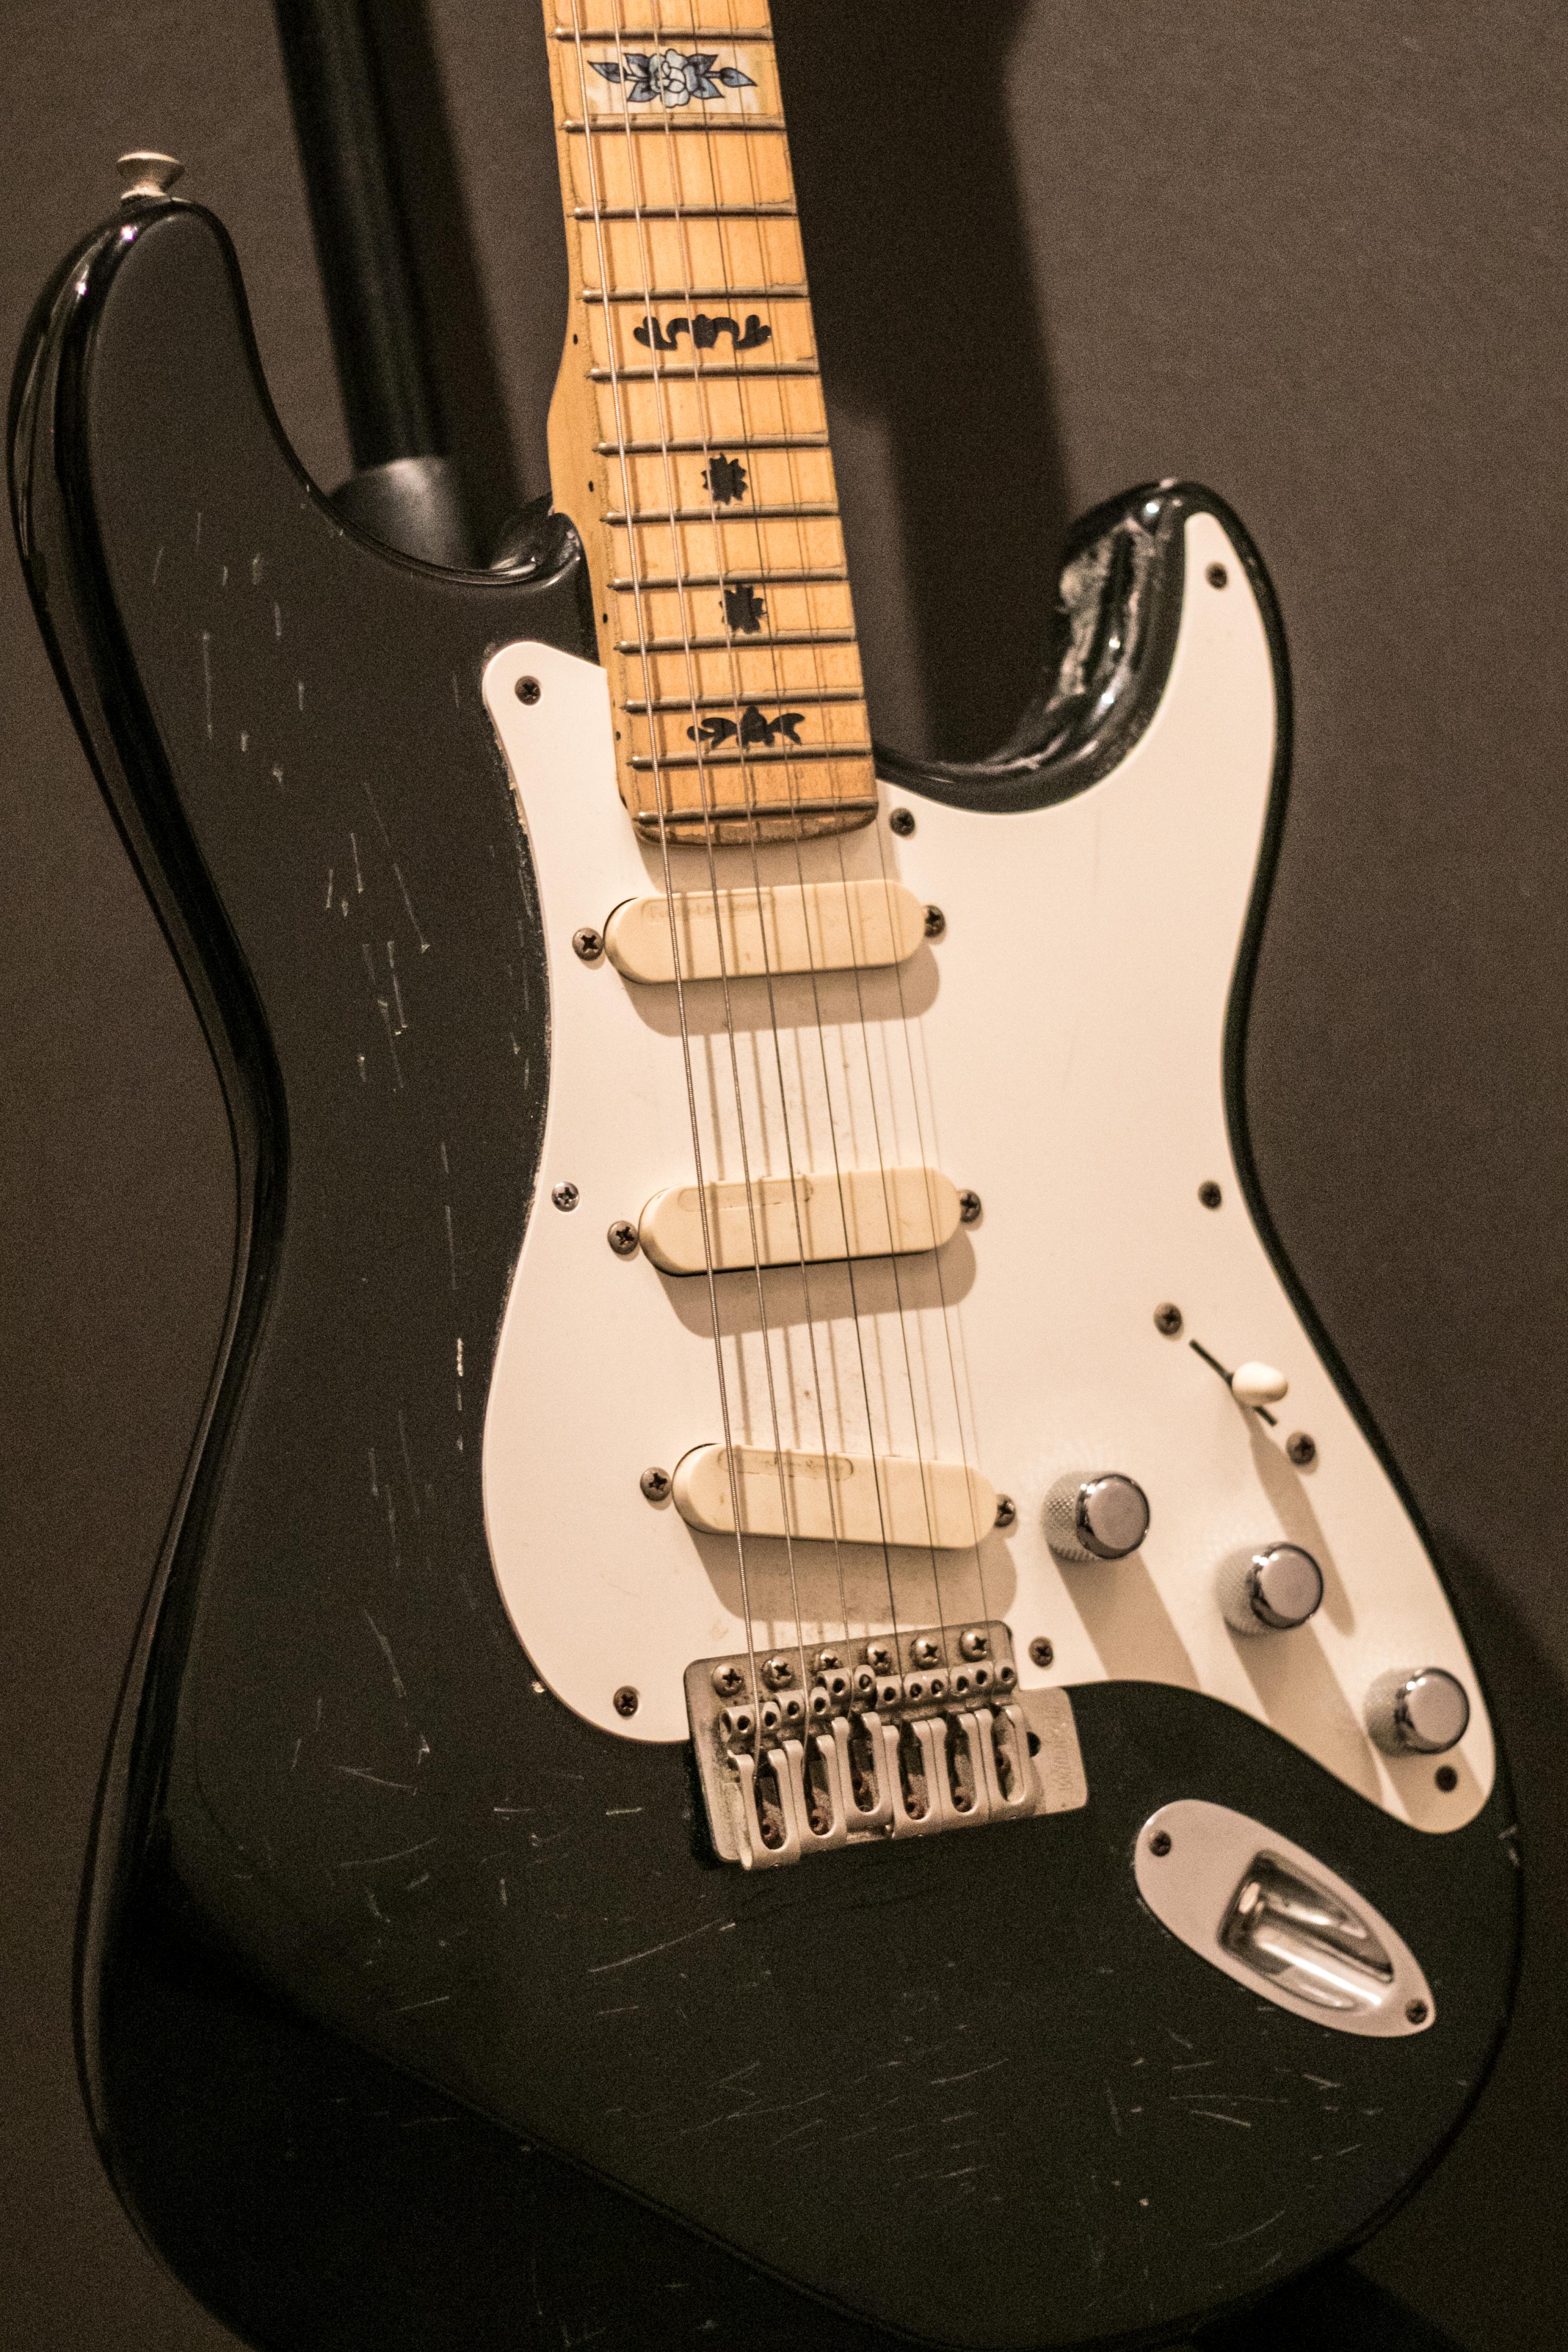 【オークション】かつてライブやレコーディングで使用した壮太のエレキギター